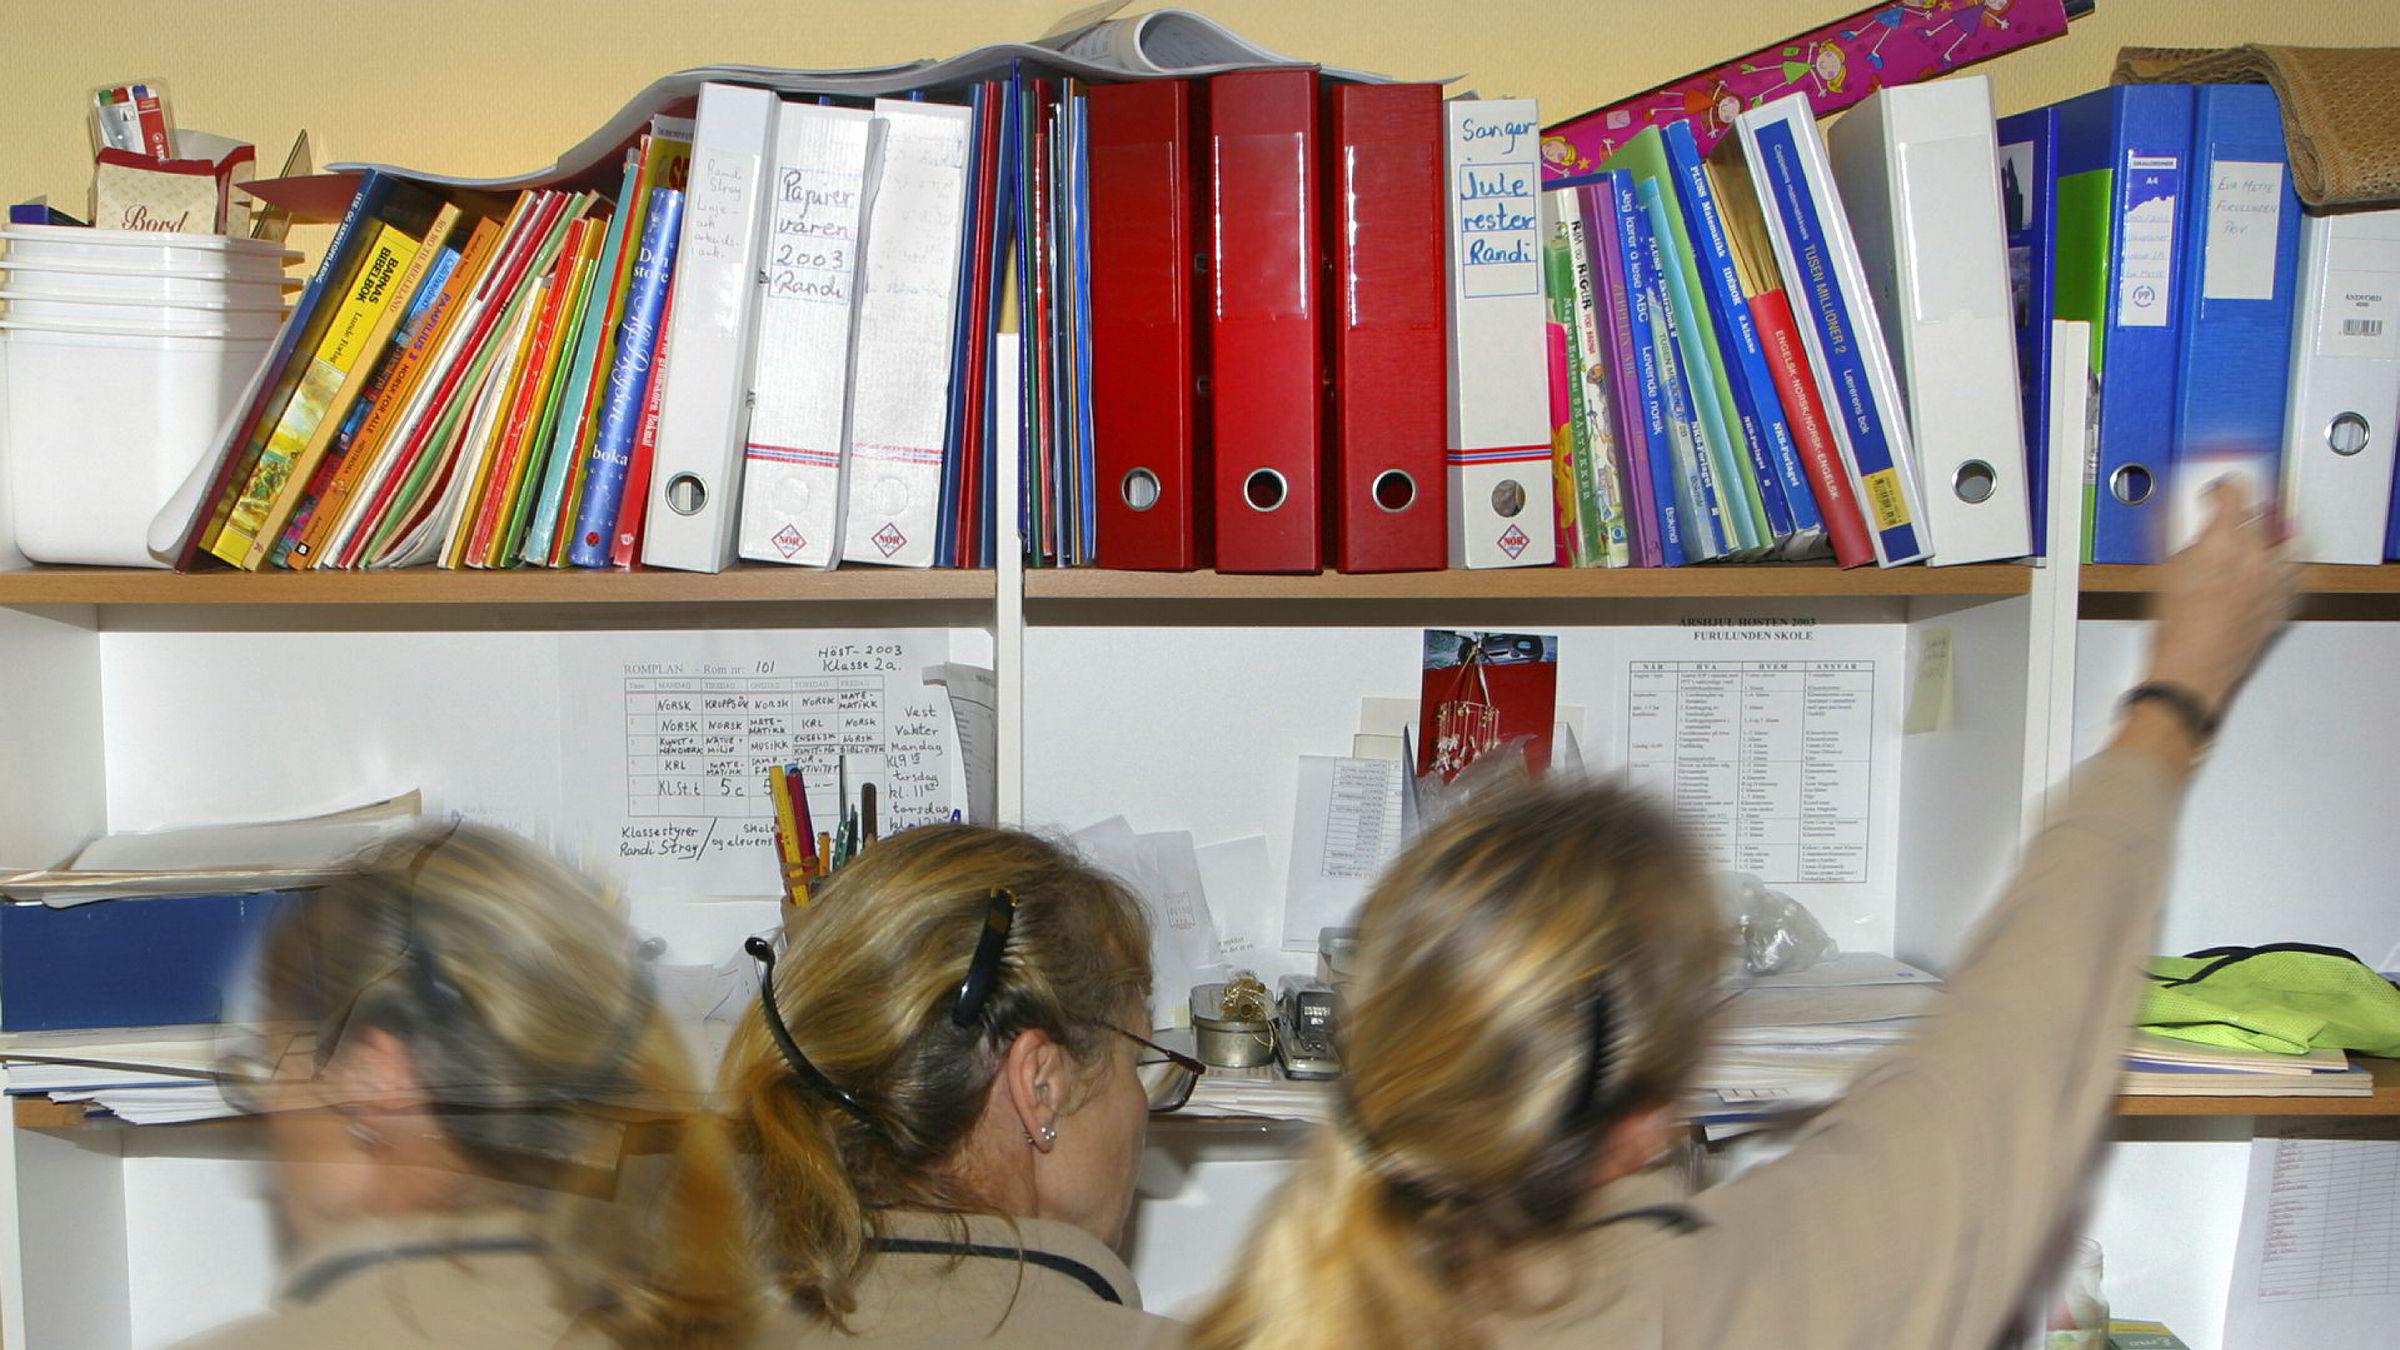 96b57fff Voksne kvinner i likestilte samfunn som Norge er smartest.